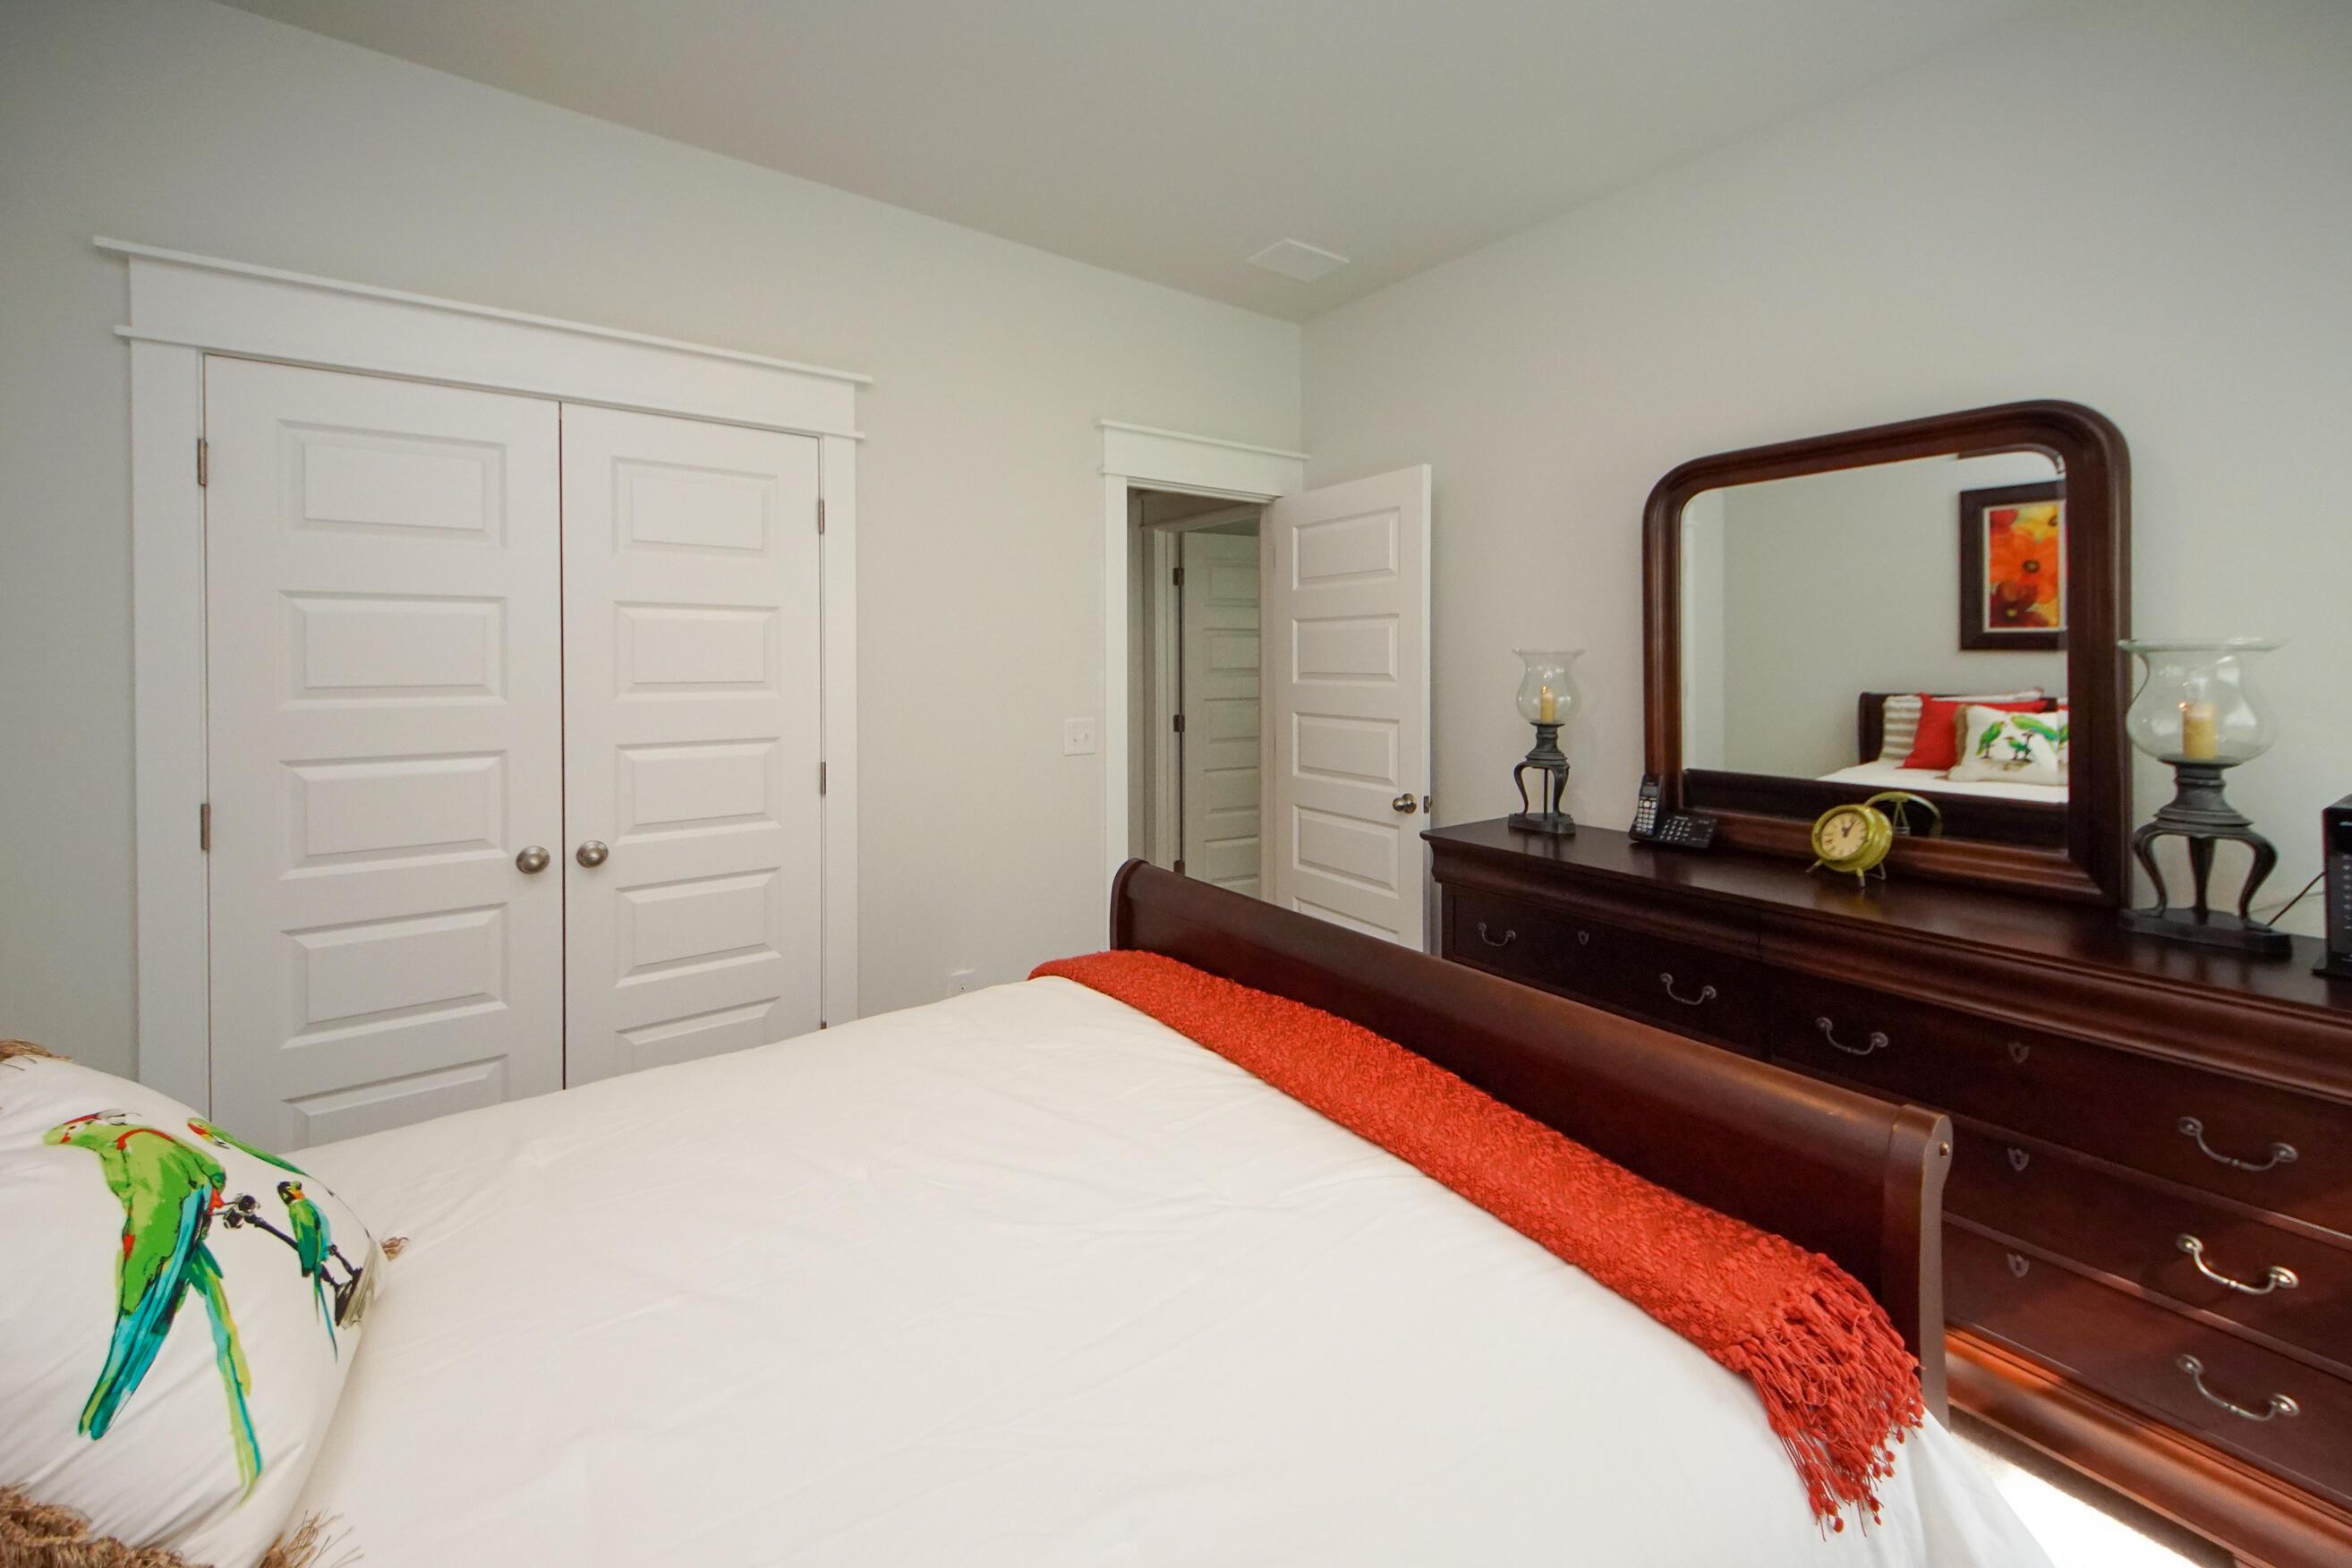 Park West Homes For Sale - 3085 Caspian, Mount Pleasant, SC - 45